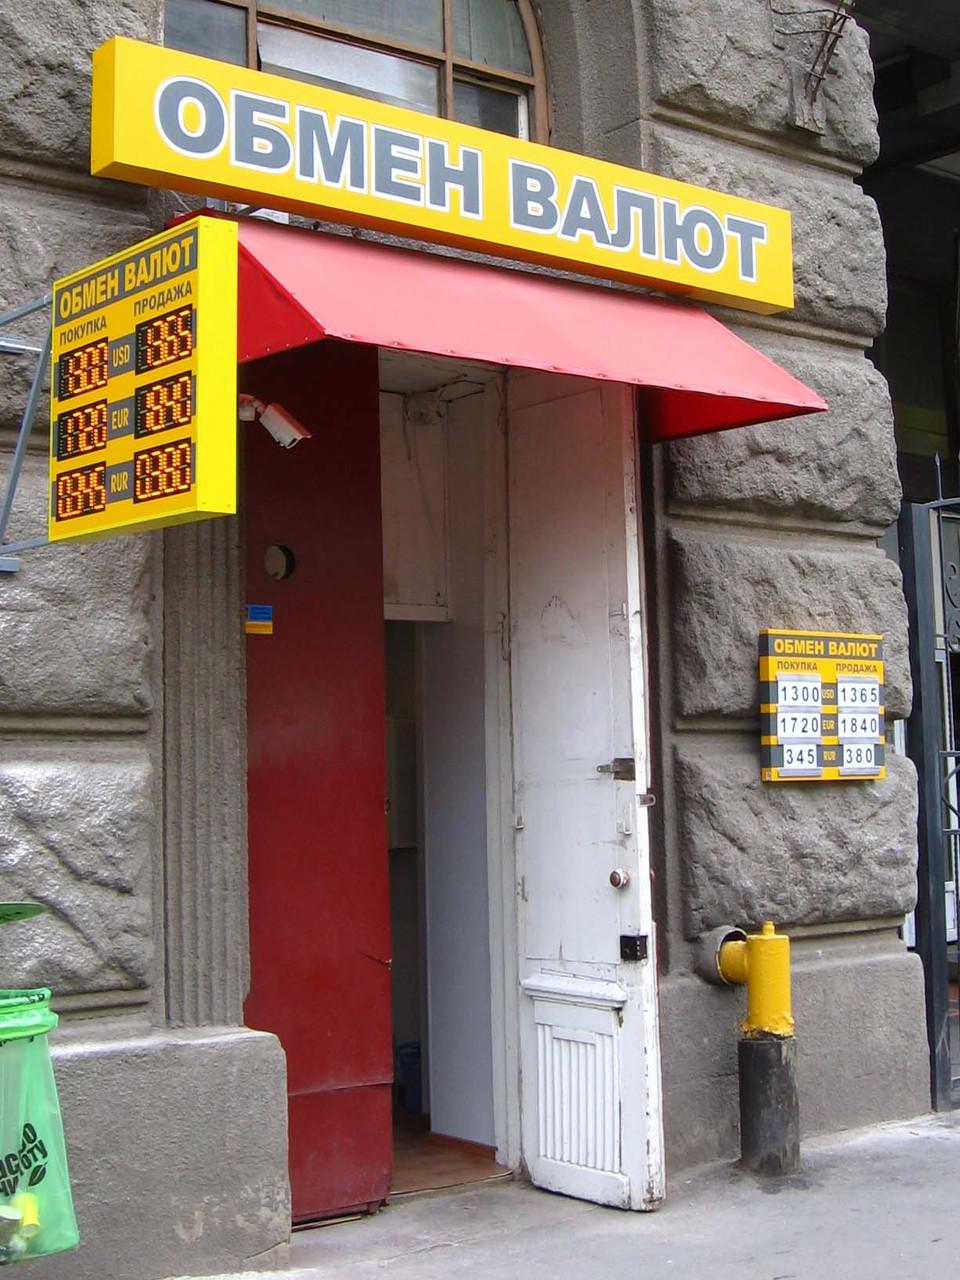 Вывески для пунктов обмена валют - Мастерская световой рекламы КУБИК. Изготовление световых рекламных конструкций в Харькове